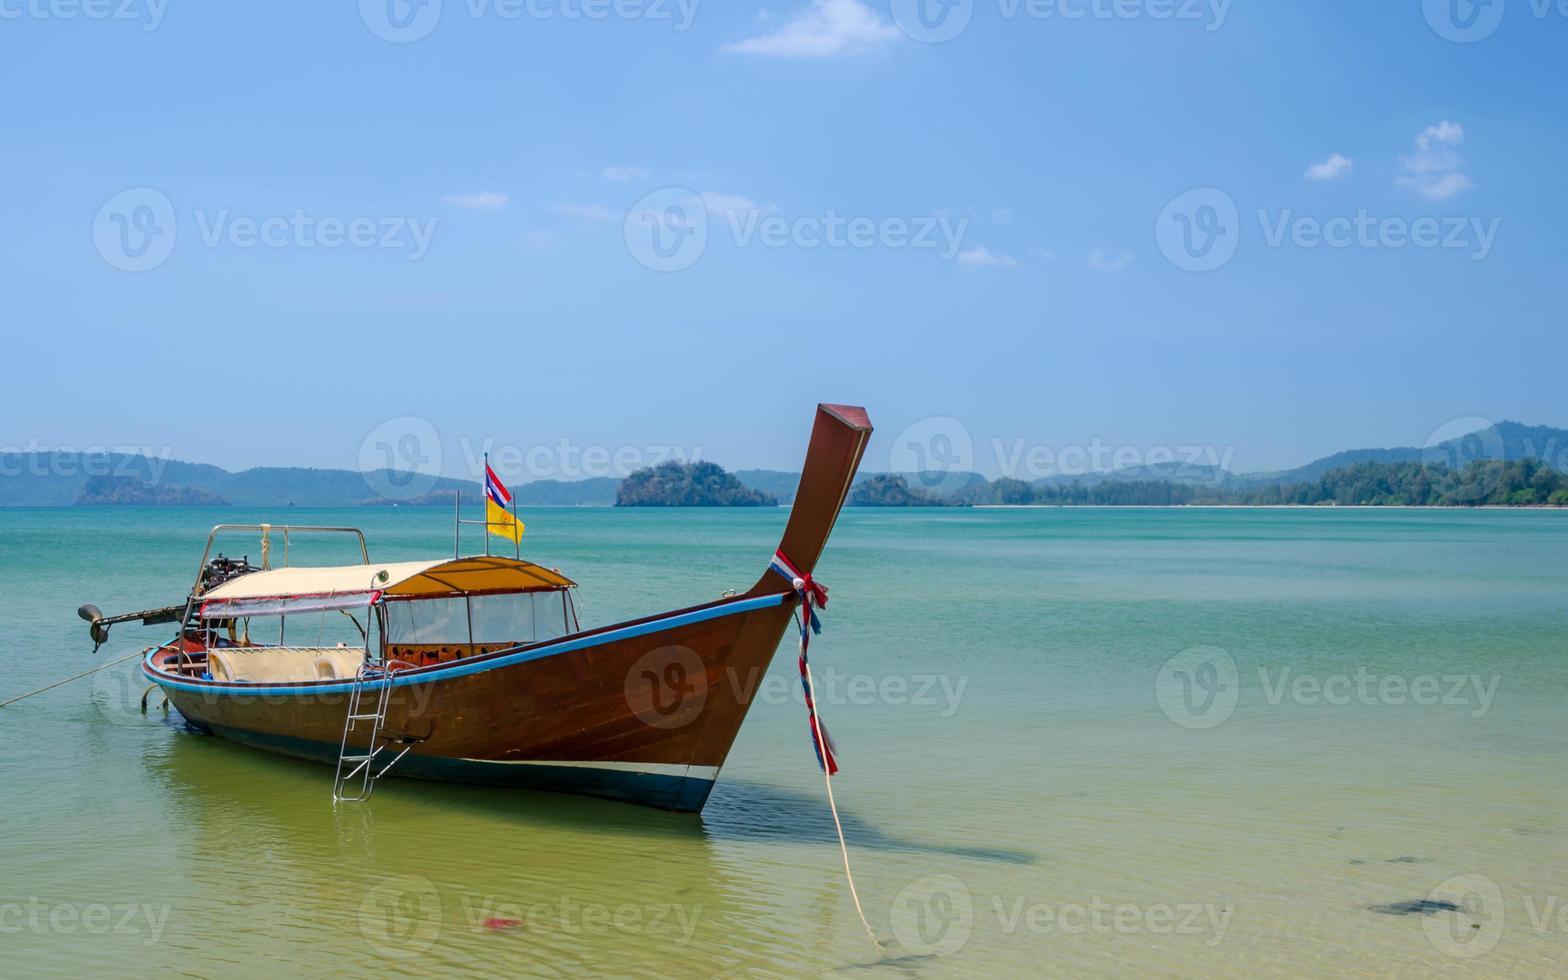 barco de madera en el mar foto